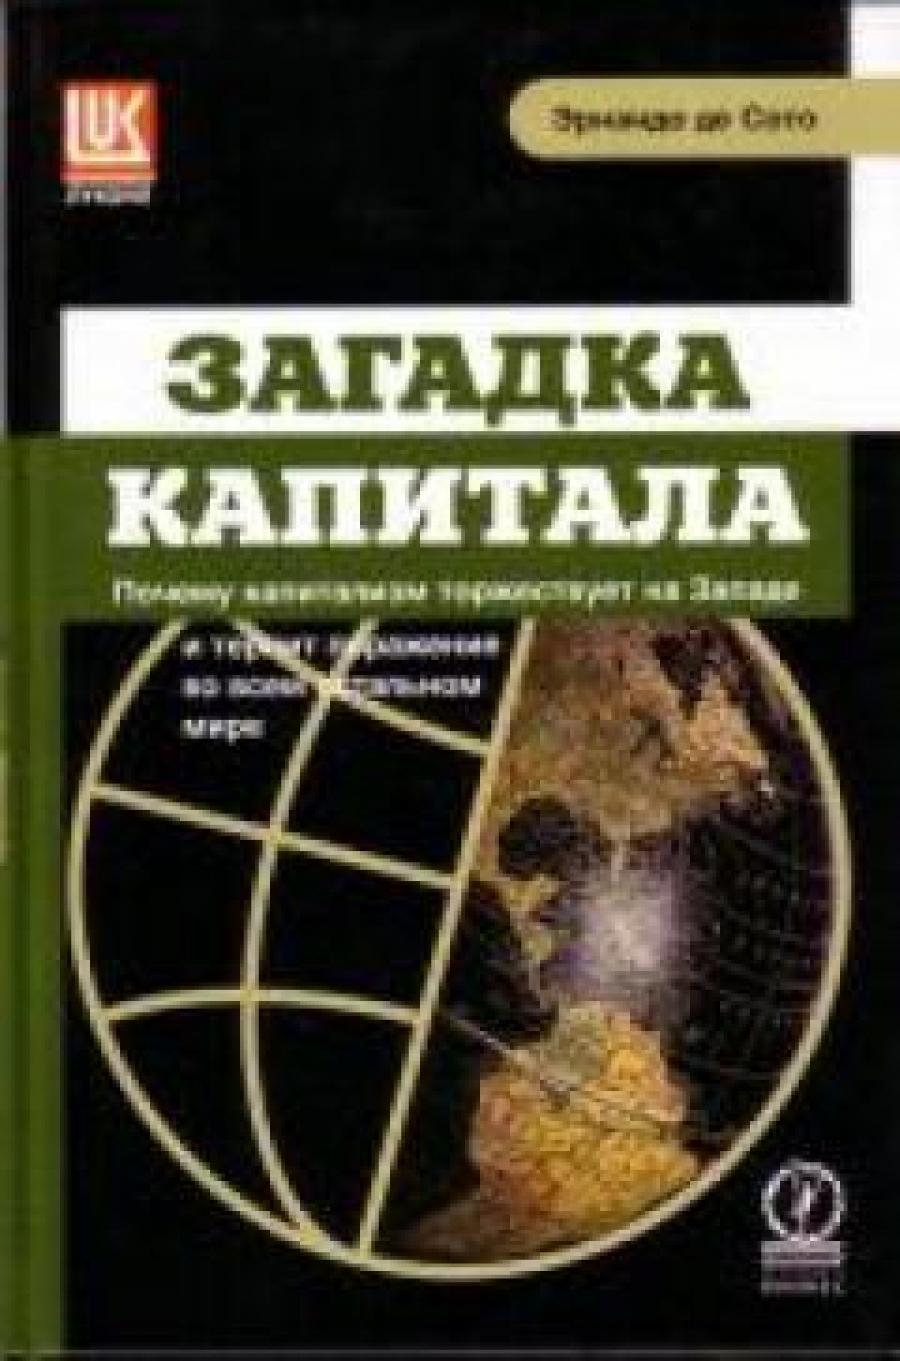 Обложка книги:  эрнандо де сото - загадка капитала. почему капитализм торжествует на западе и терпит поражение во всем остальном мире